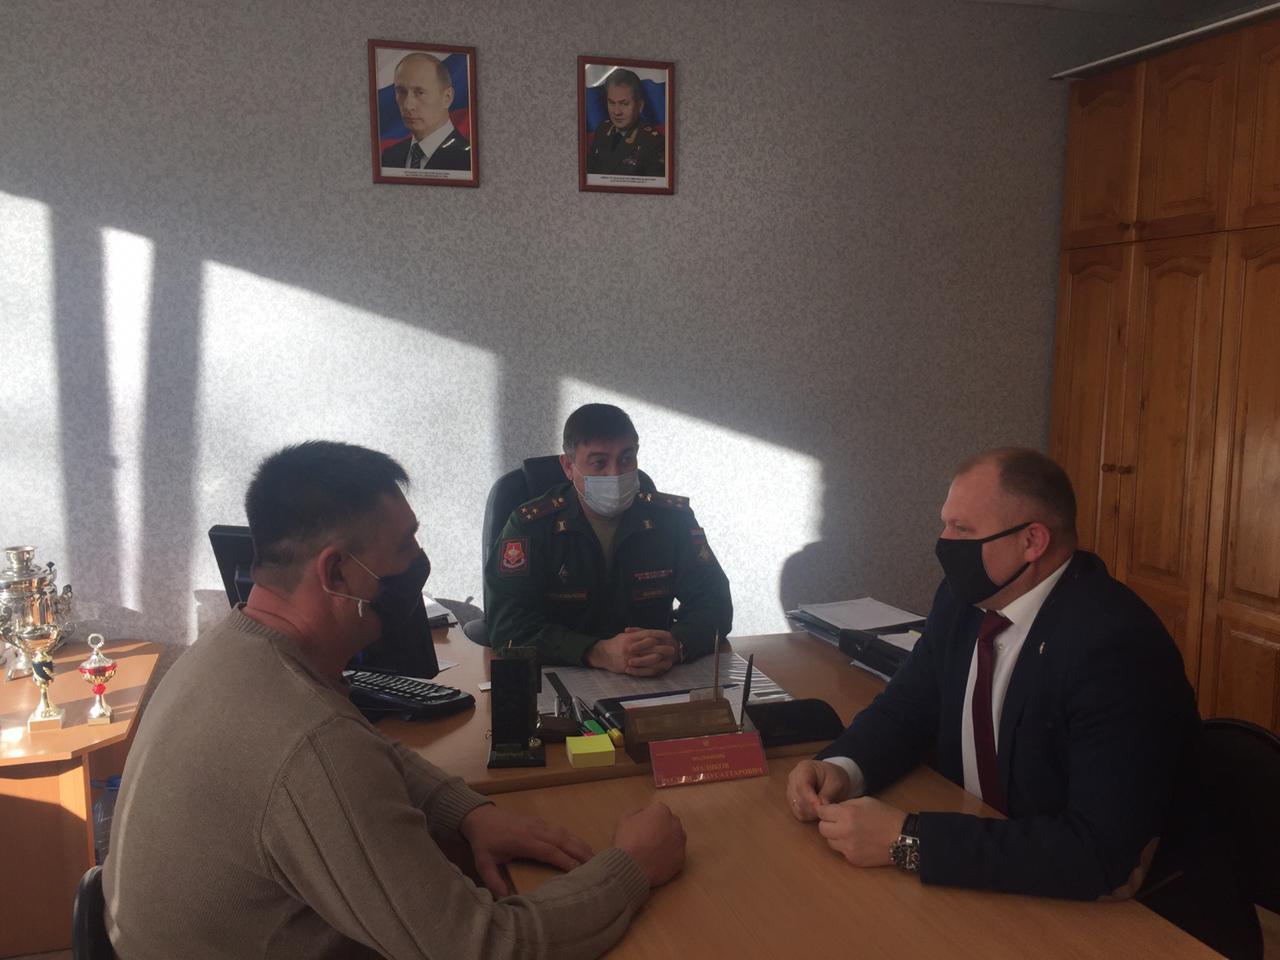 «Союз десантников Удмуртии» представил отчет руководству военного комиссариата Удмуртии о результатах проведённых в 2020 году мероприятий по «Программе ВСП-100 «Крылатая пехота»